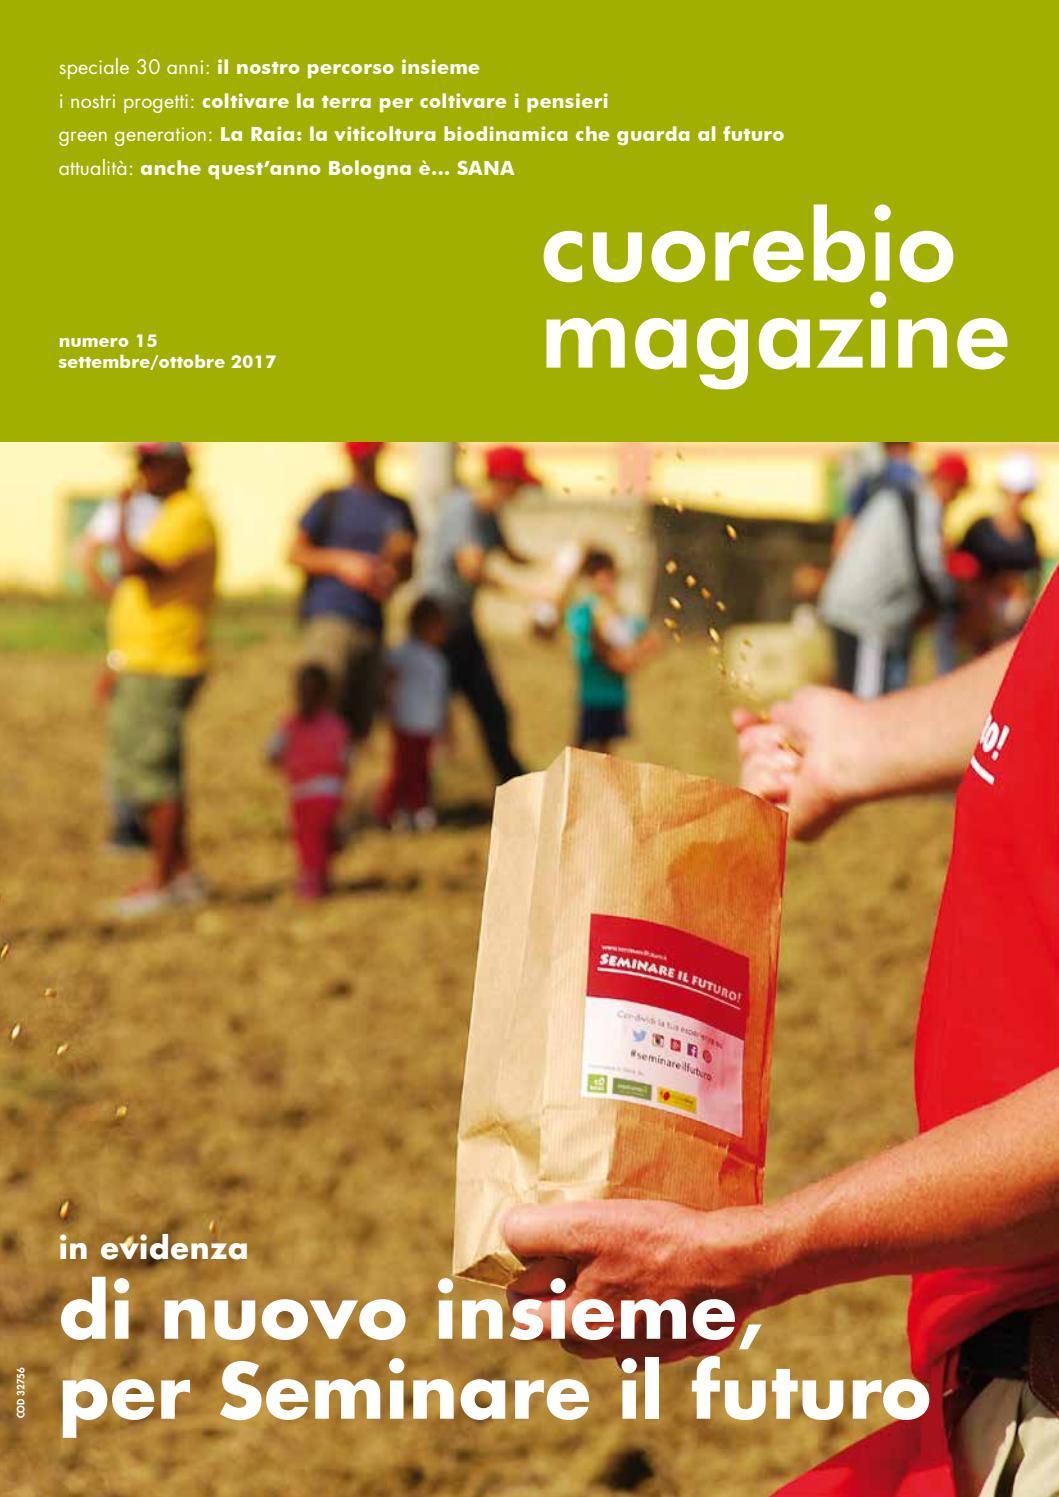 Cuorebio Magazine - Settembre 2017 by EcorNaturasi - issuu 85ea4d4218fa